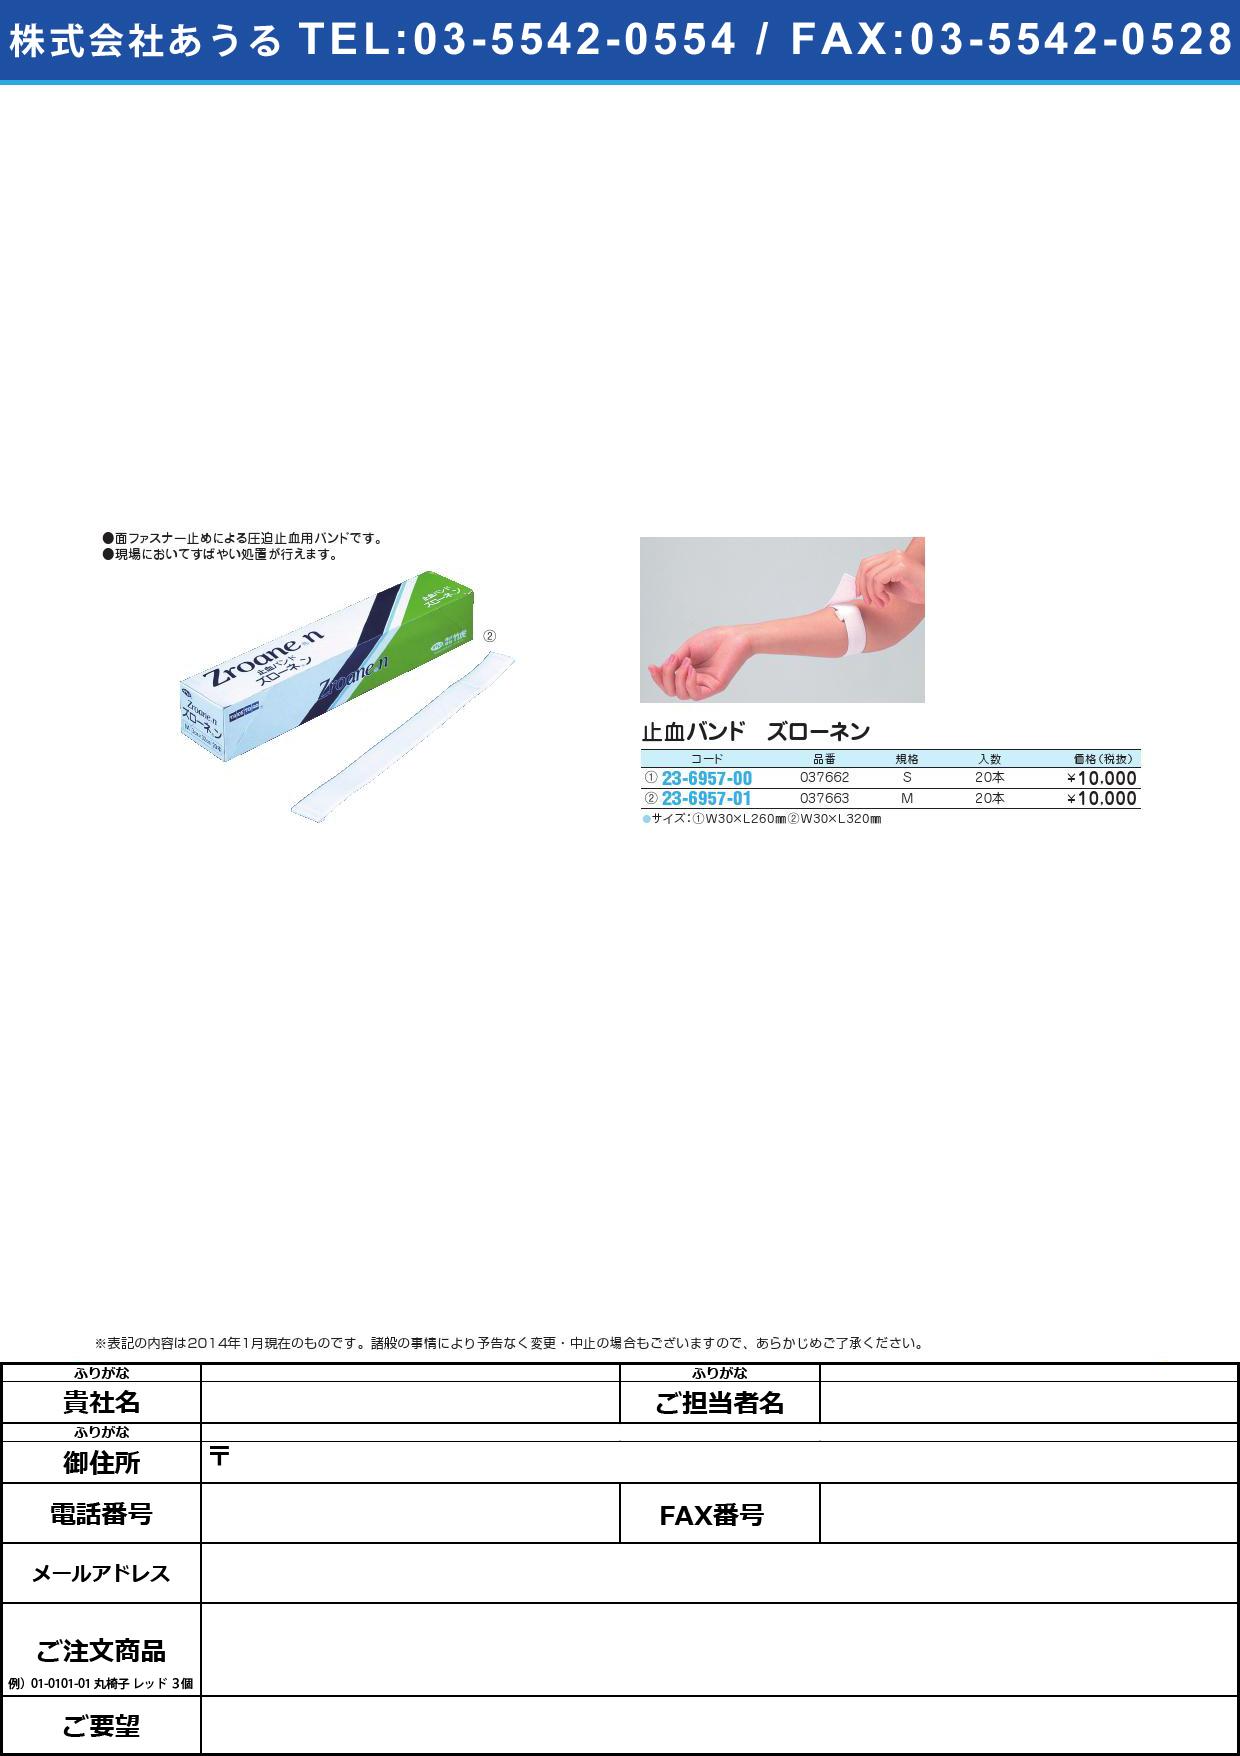 止血バンド ズローネン シケツバンド ズローネン(23-6957-00)037662(S)20ポンイリ【1箱単位】